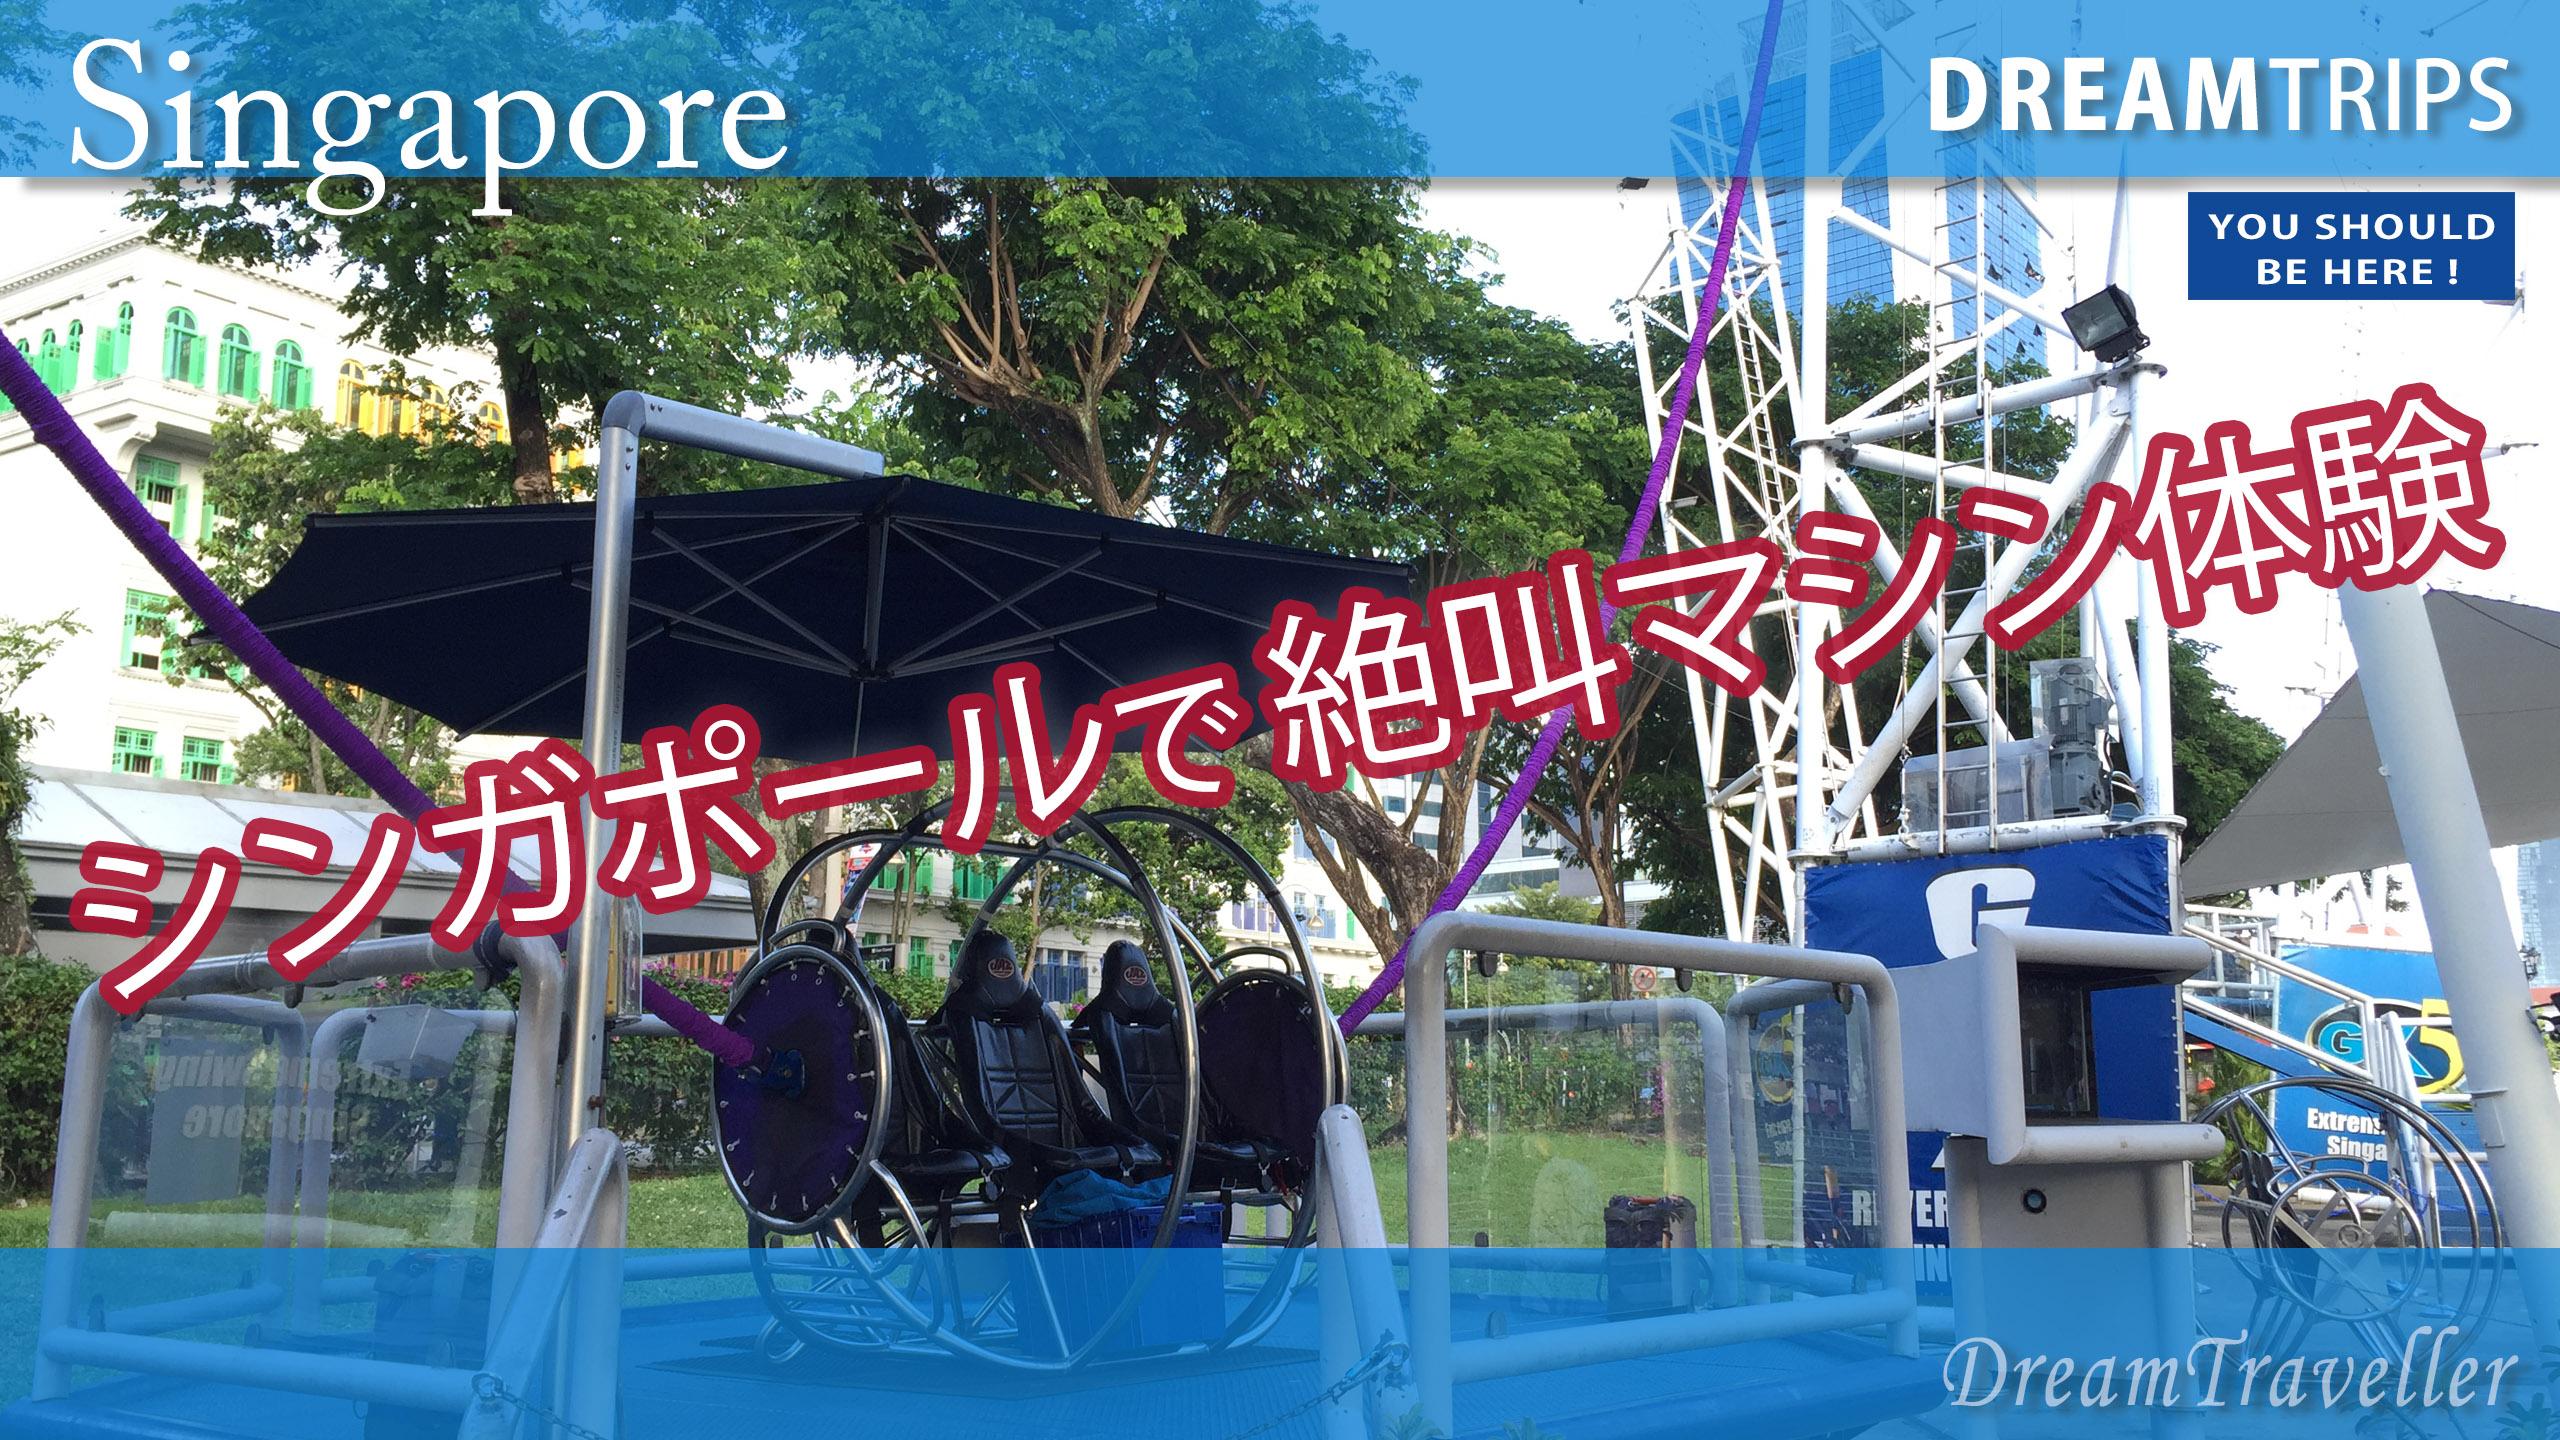 【シンガポールで絶叫マシン体験】時速200Kmのスピードで上空60mに放り出される究極の逆バンジー